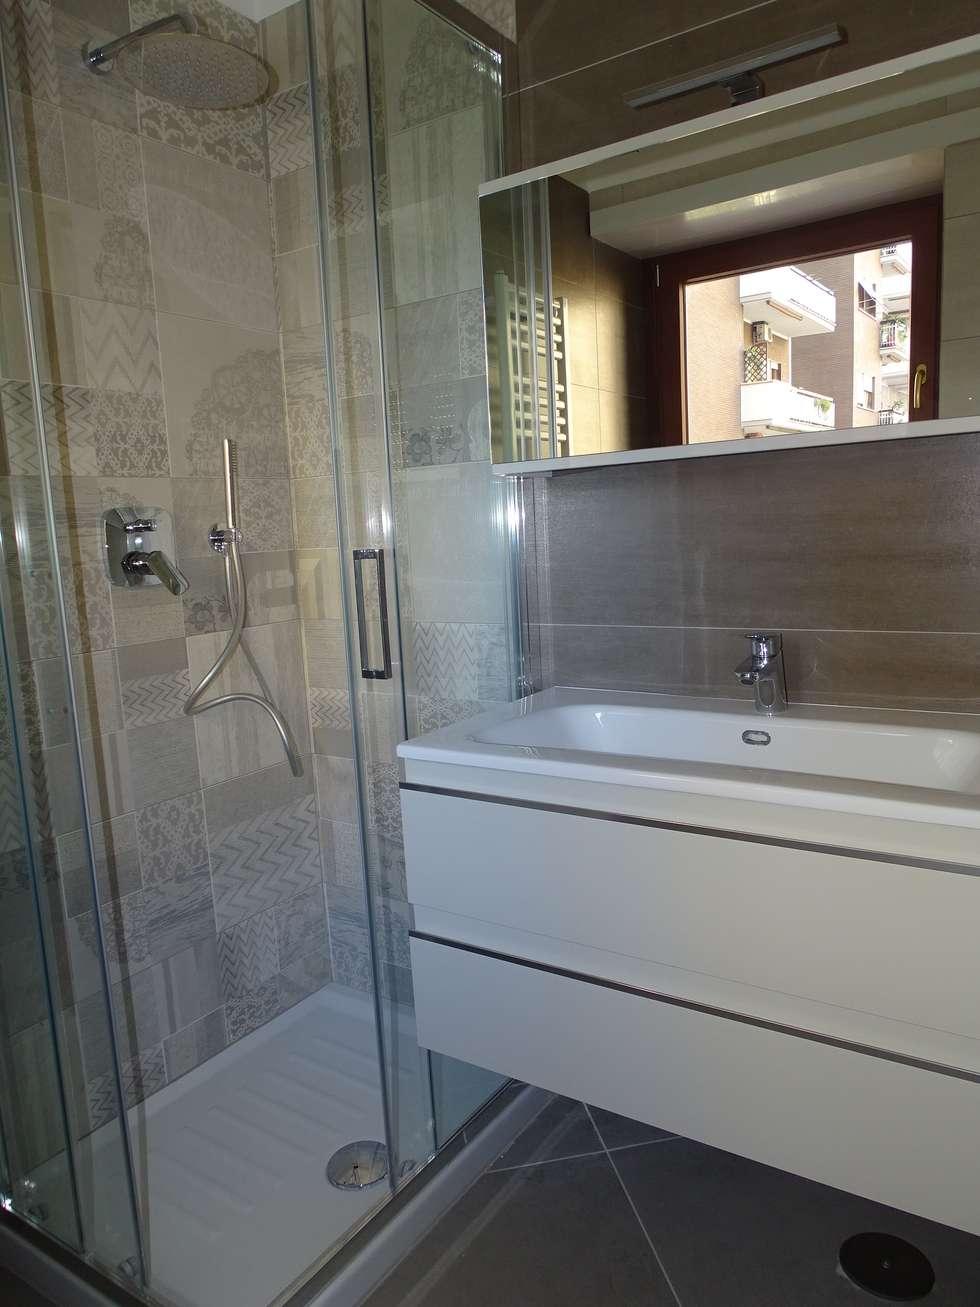 Piccolo bagno ricavato dividendo in due il preesistente.: Bagno in stile in stile Eclettico di NicArch